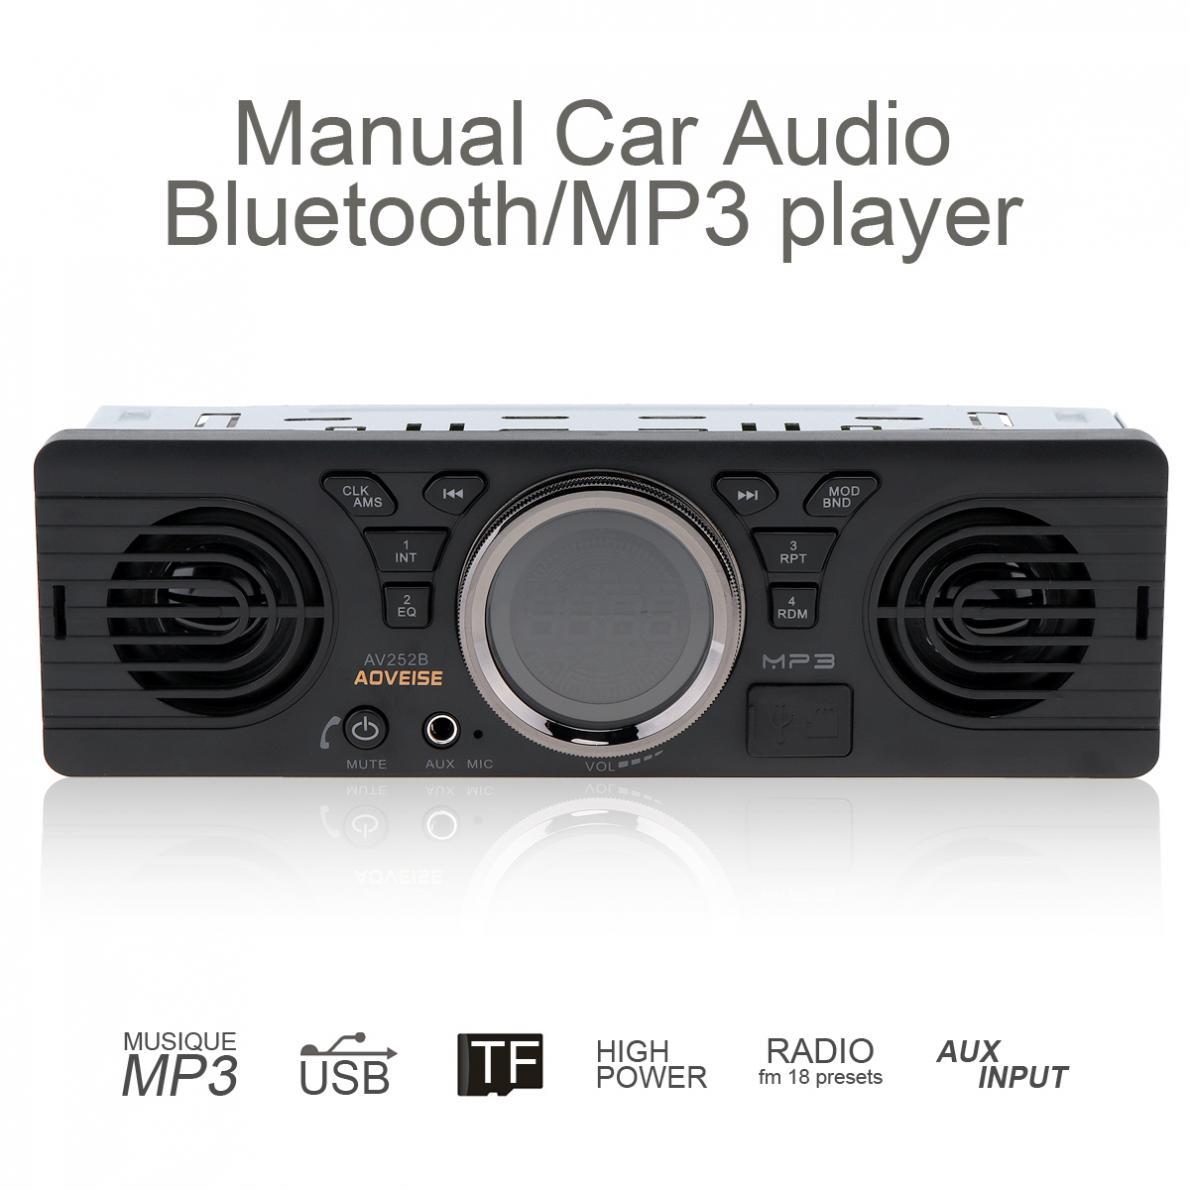 AOVEISE AV252B 12V reproductor de Audio MP3 de doble bocina para coche radio de vehículo compatibilidad con FM /MINI USB / AUX 5 uds 3,5mm conector de clavija de Metal estéreo de 3 polos adaptador de enchufe y Jack 3,5 con terminales de cable de soldadura enchufe estéreo de 3,5mm